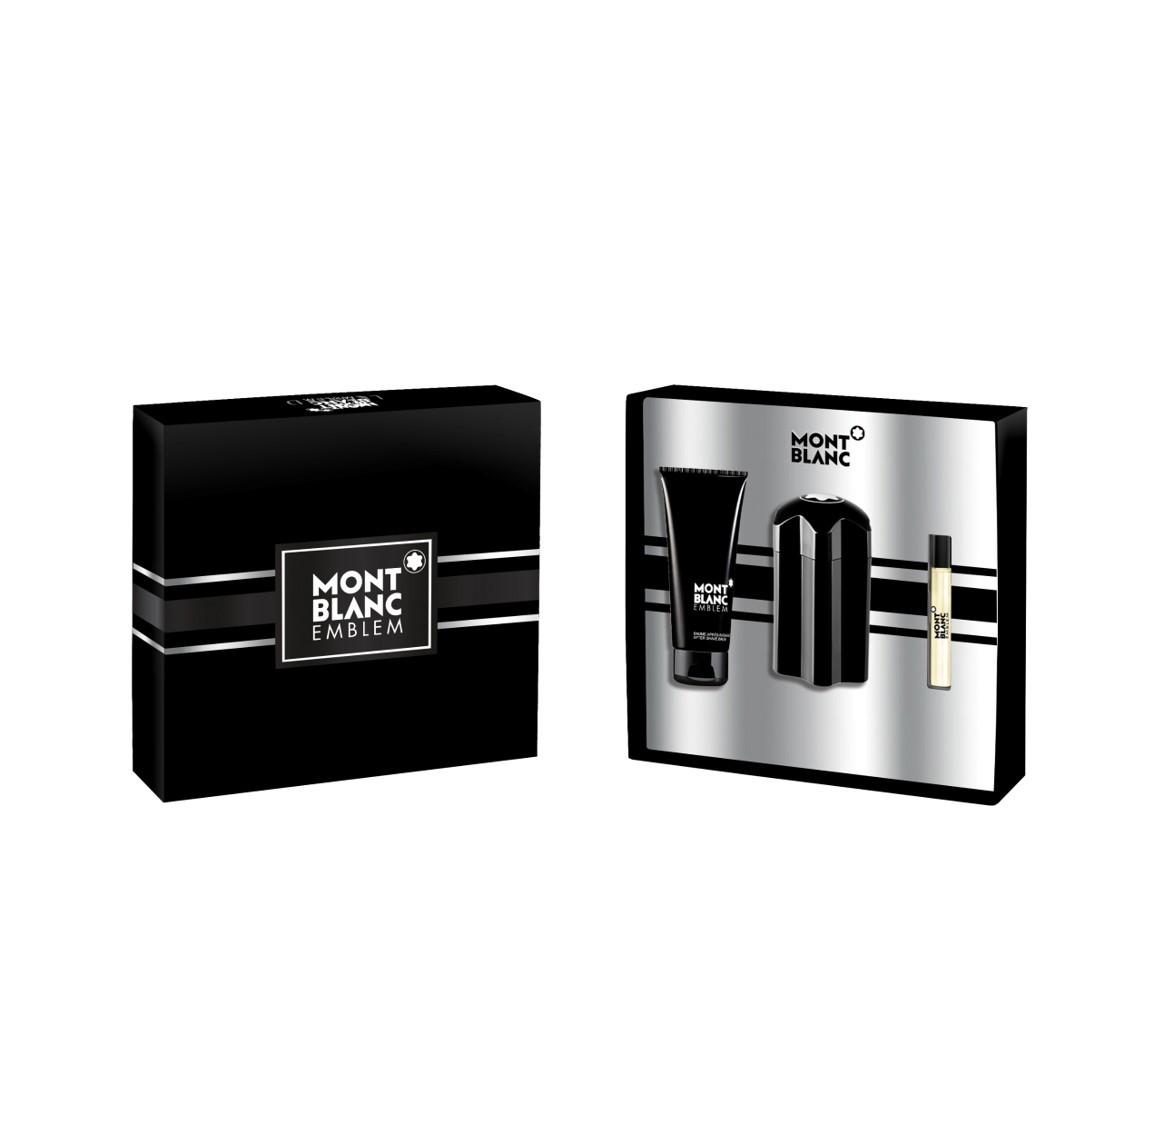 Montblanc - Emblem Eau de Toilette 100Ml Set -